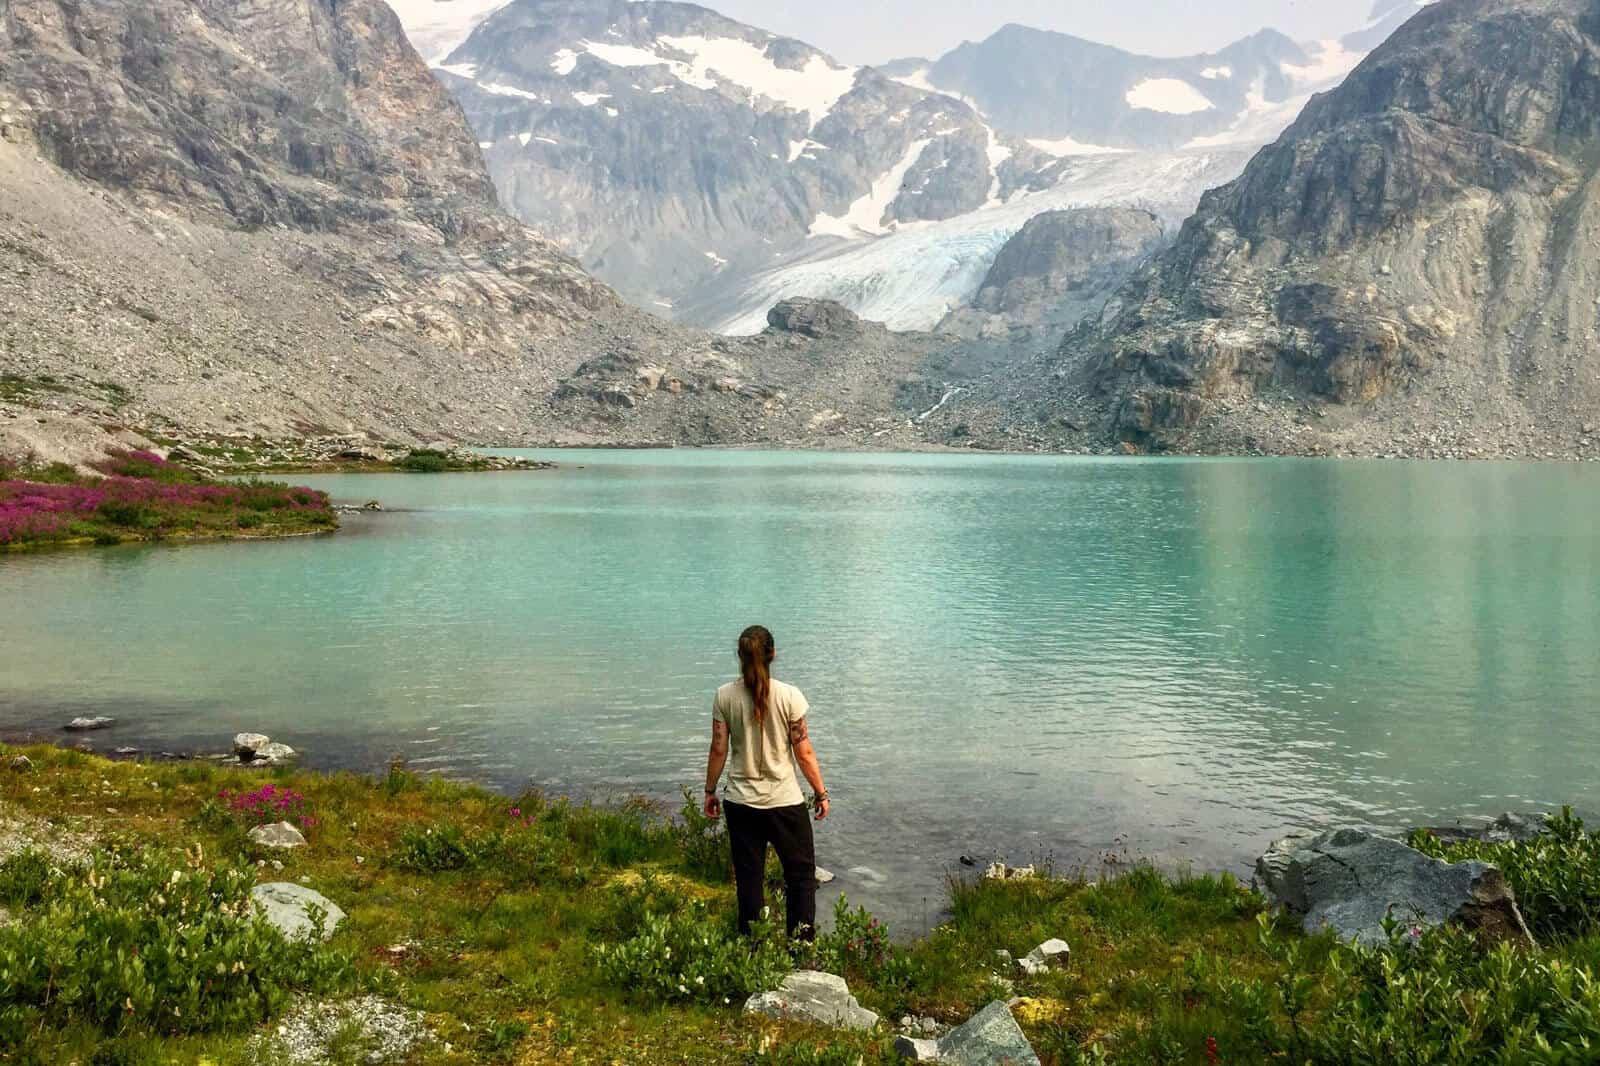 Wedgemount lake Vancouver hikes